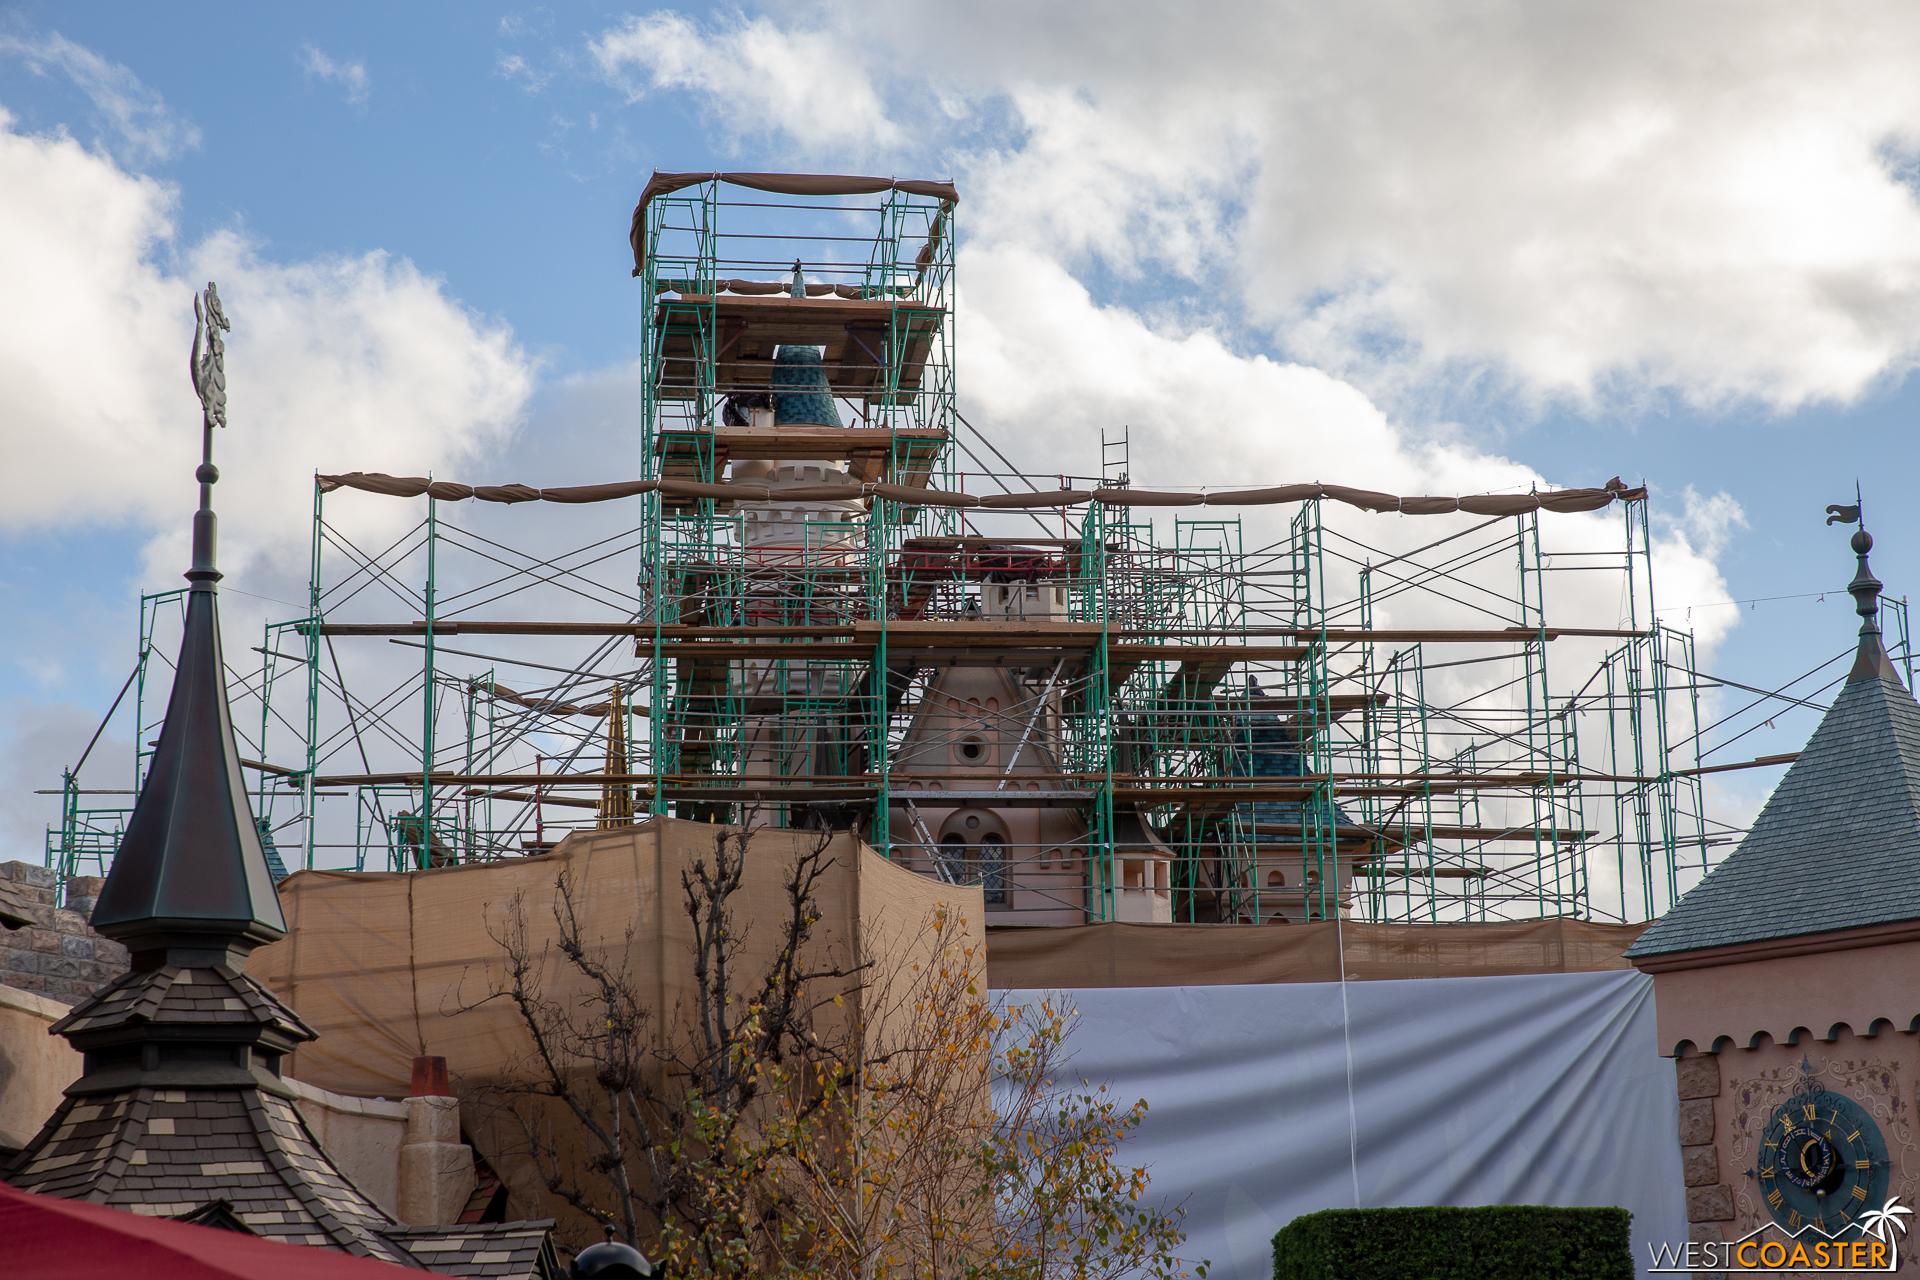 Westcoaster Disneyland Update 2-19-6.jpg